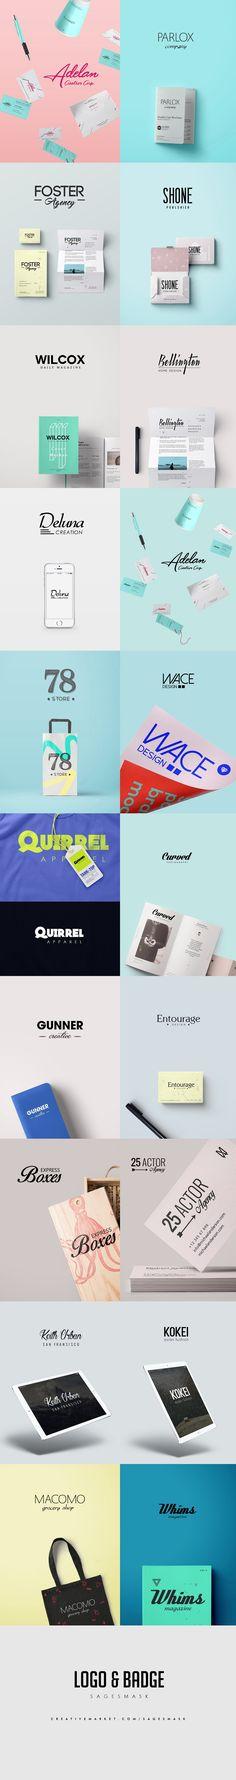 Minimal Logos by sagesmask on @creativemarket